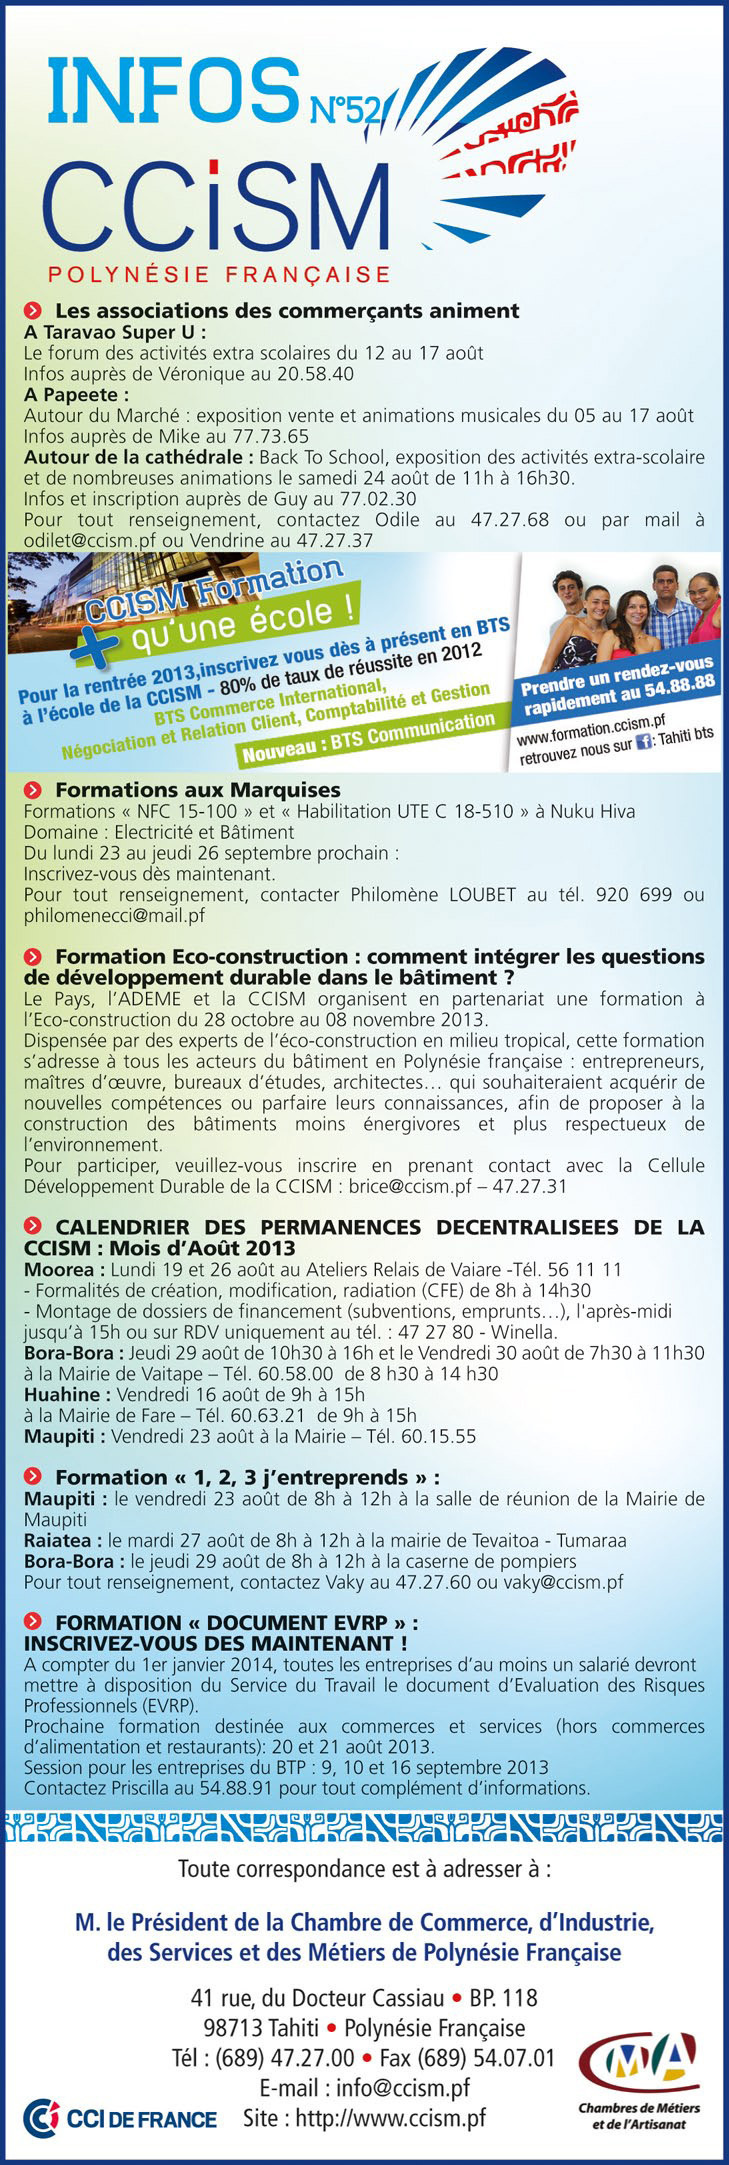 Infos CCISM N°52